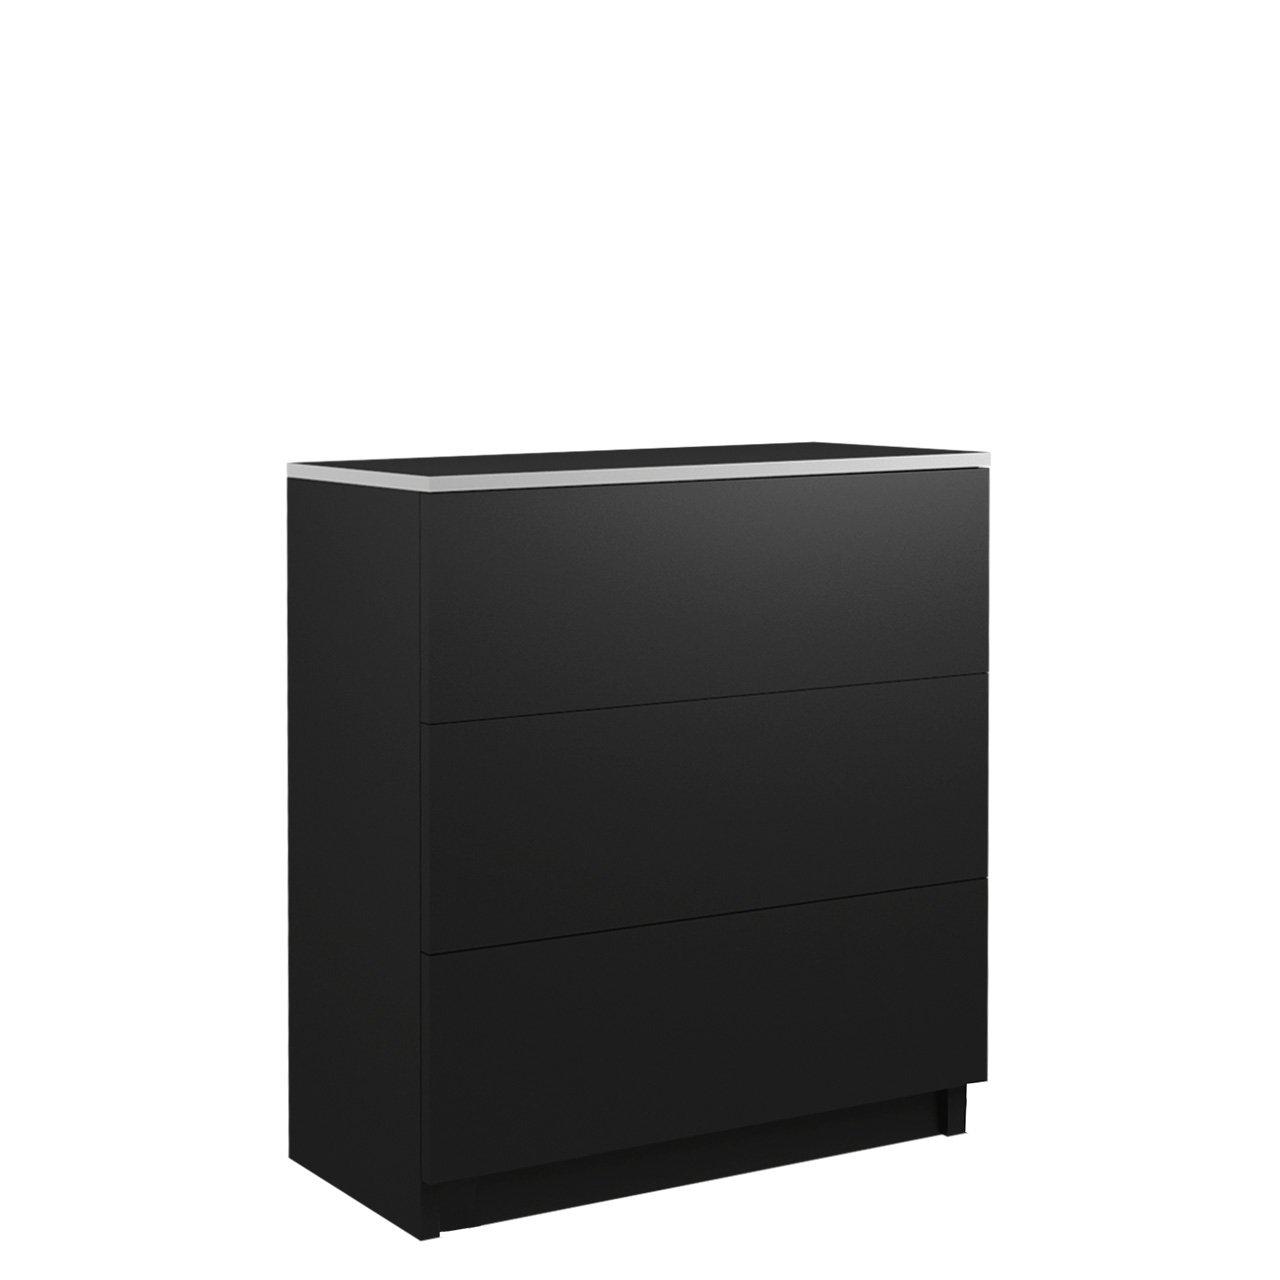 ArtStol Komoda VISTA S3 Farba: Čierna